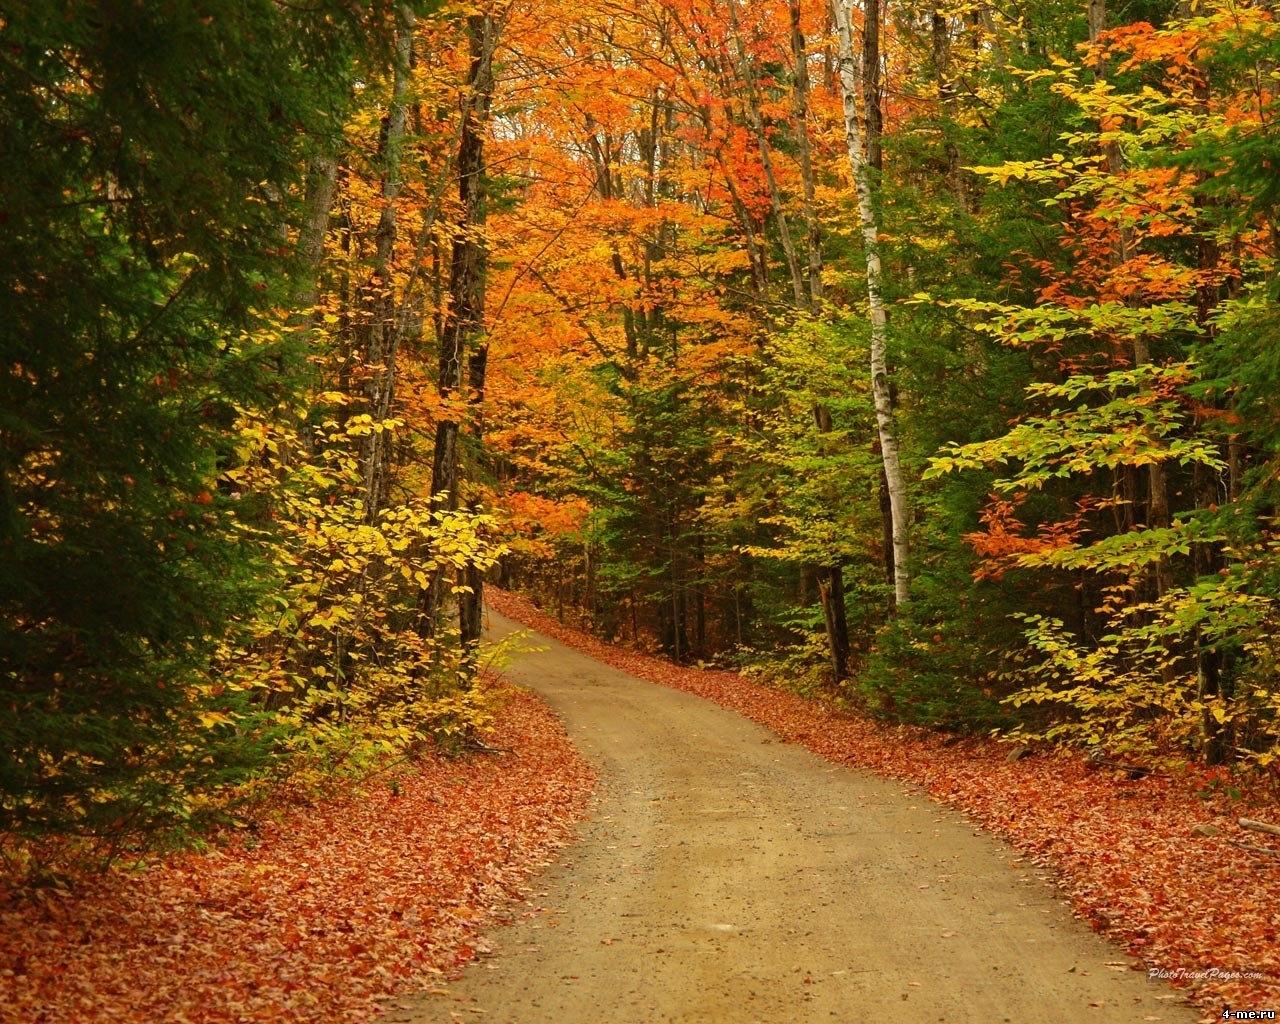 Скачать картинку Осень, Дороги, Пейзаж, Деревья в телефон бесплатно.